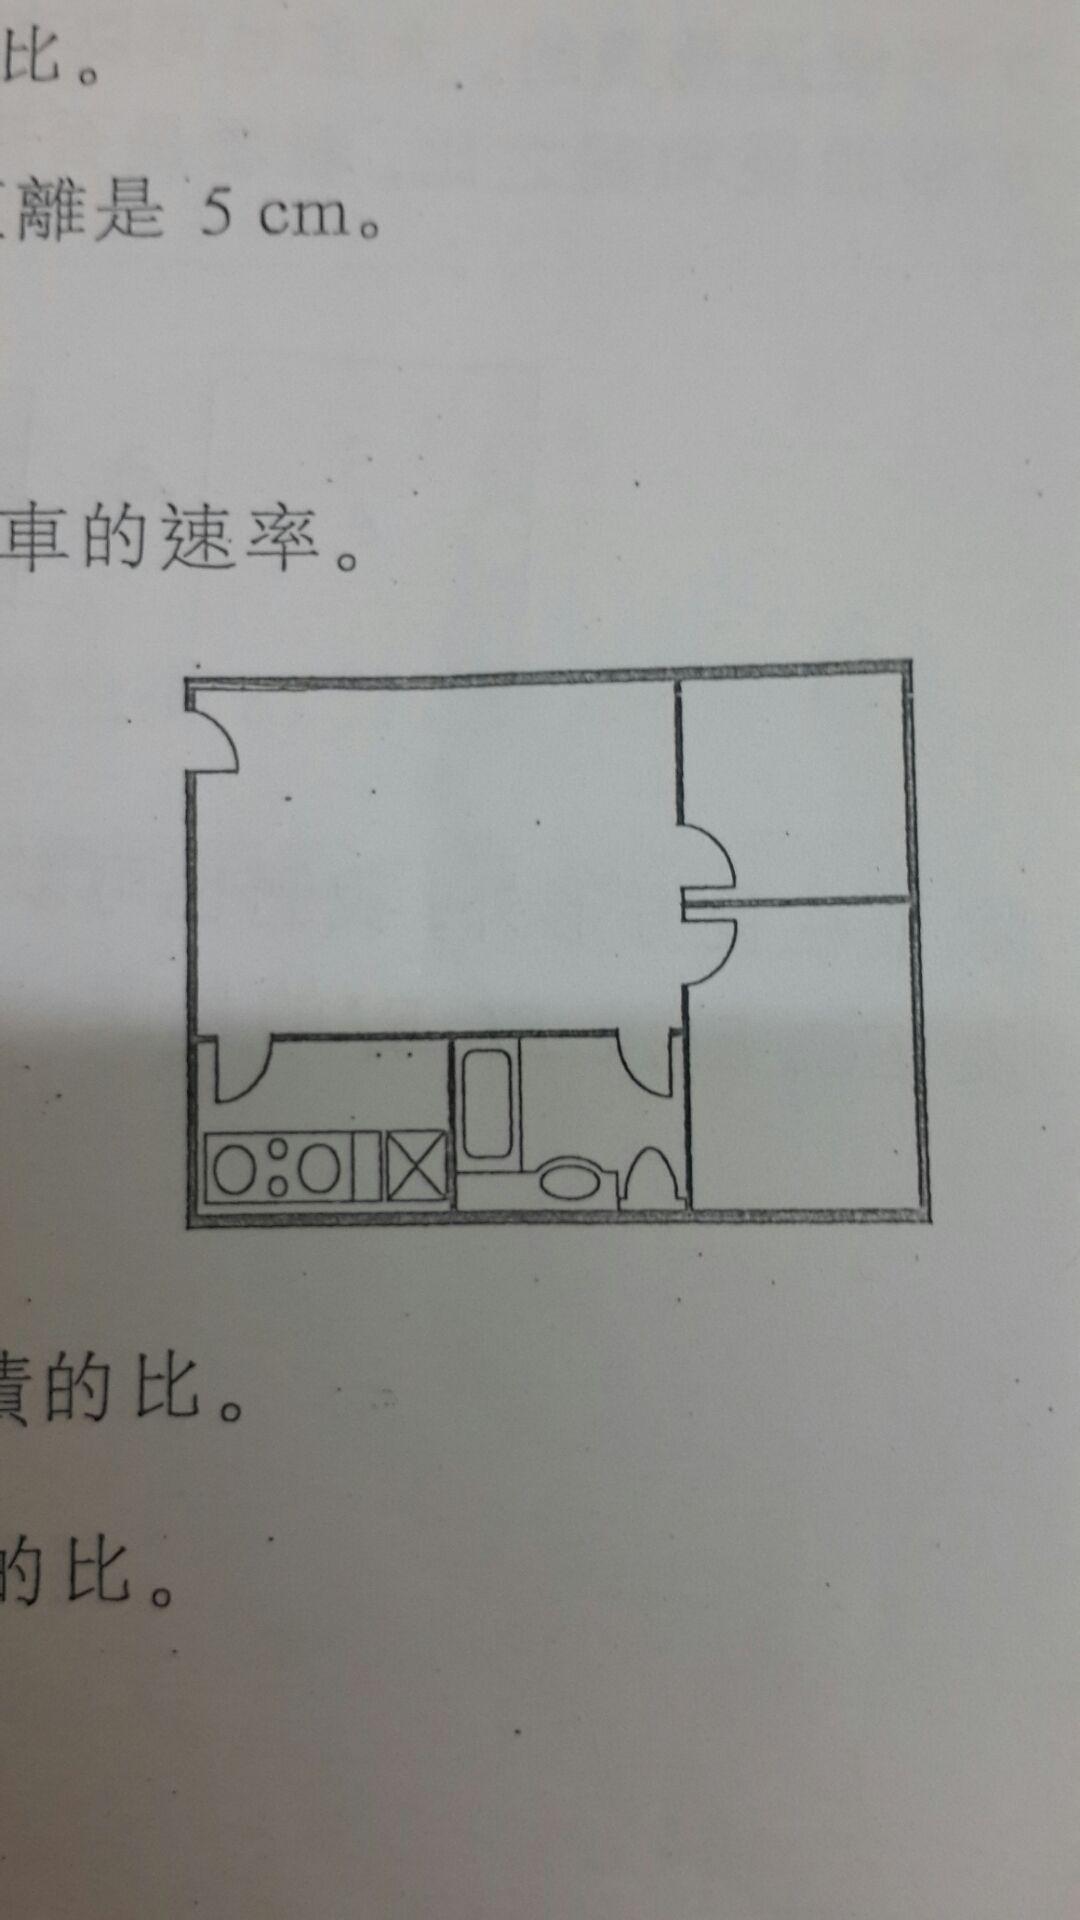 图中所示为一个住宅单位的平面图,比例尺为1 200. 高清图片